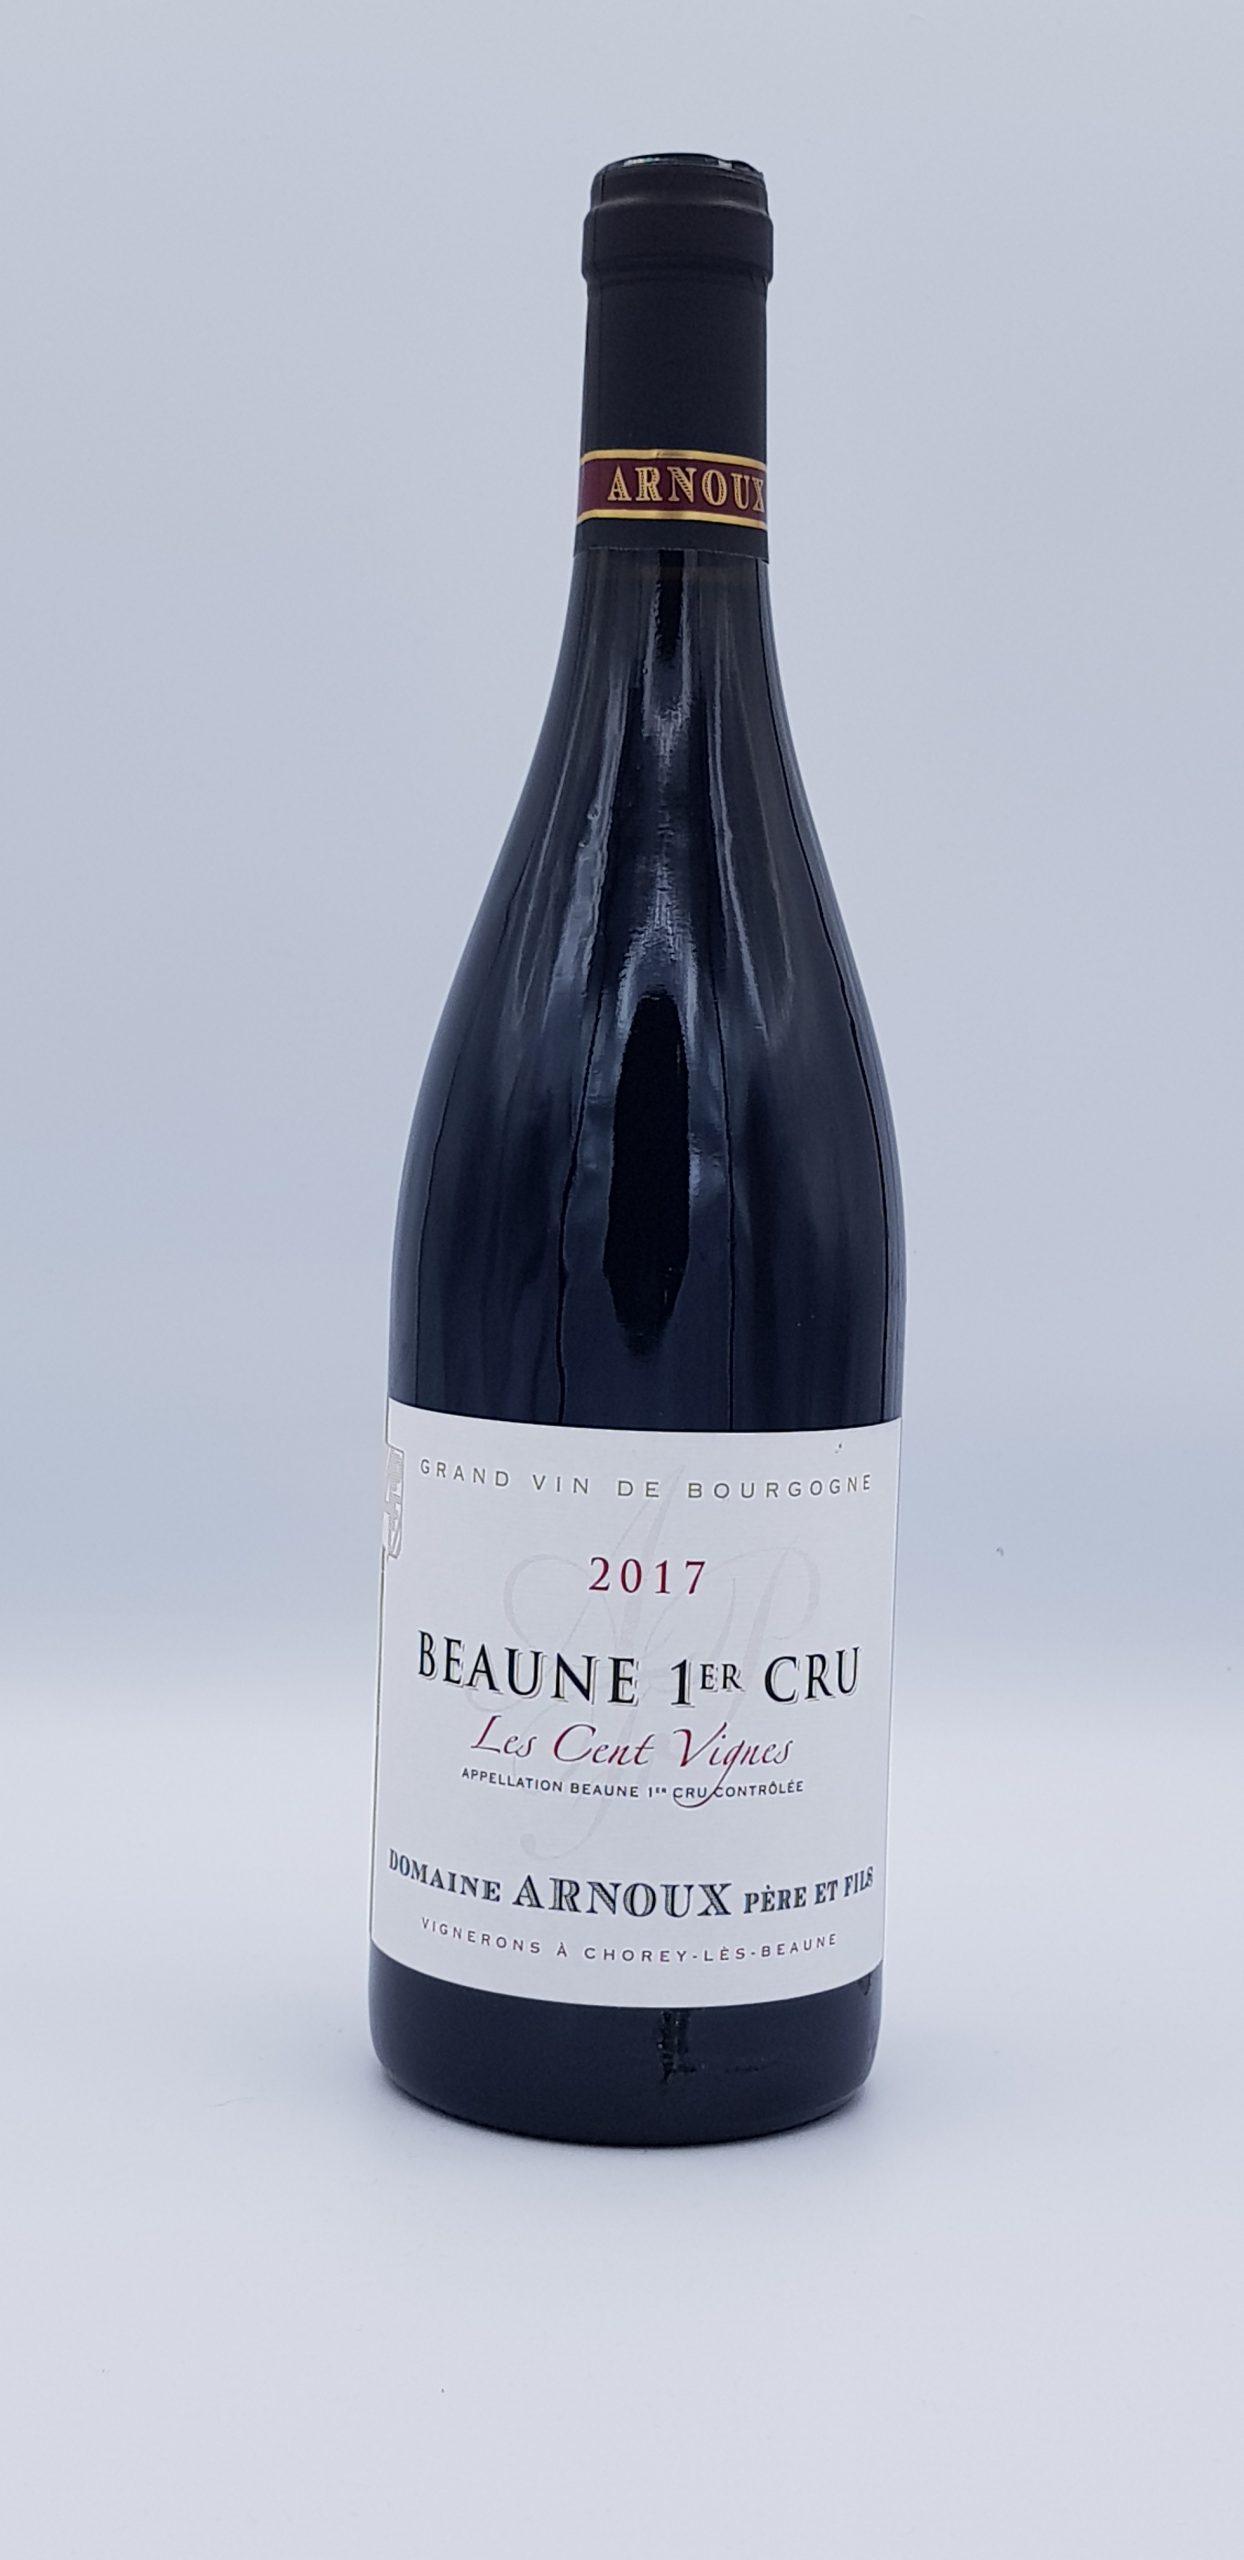 """Beaune 1er Cru """"Les Cent Vignes"""" 2015 Rouge"""